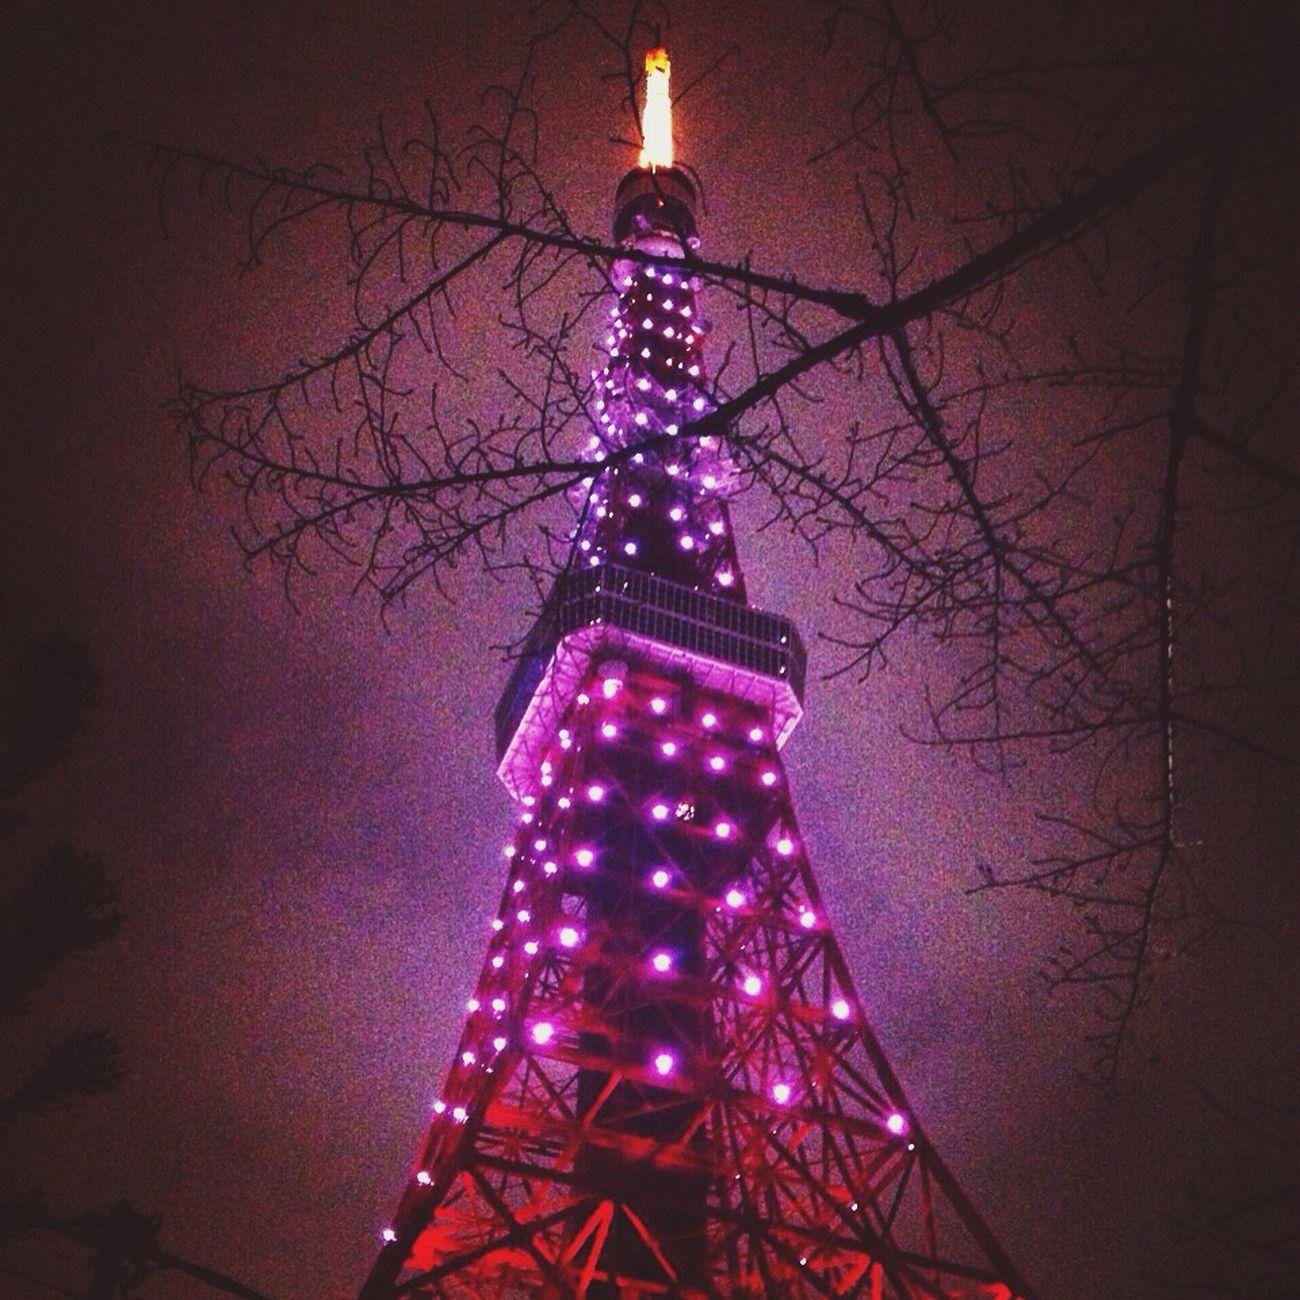 サクラ咲く 東京タワー 応援 がんばれ受験生?光のサクラ咲く?